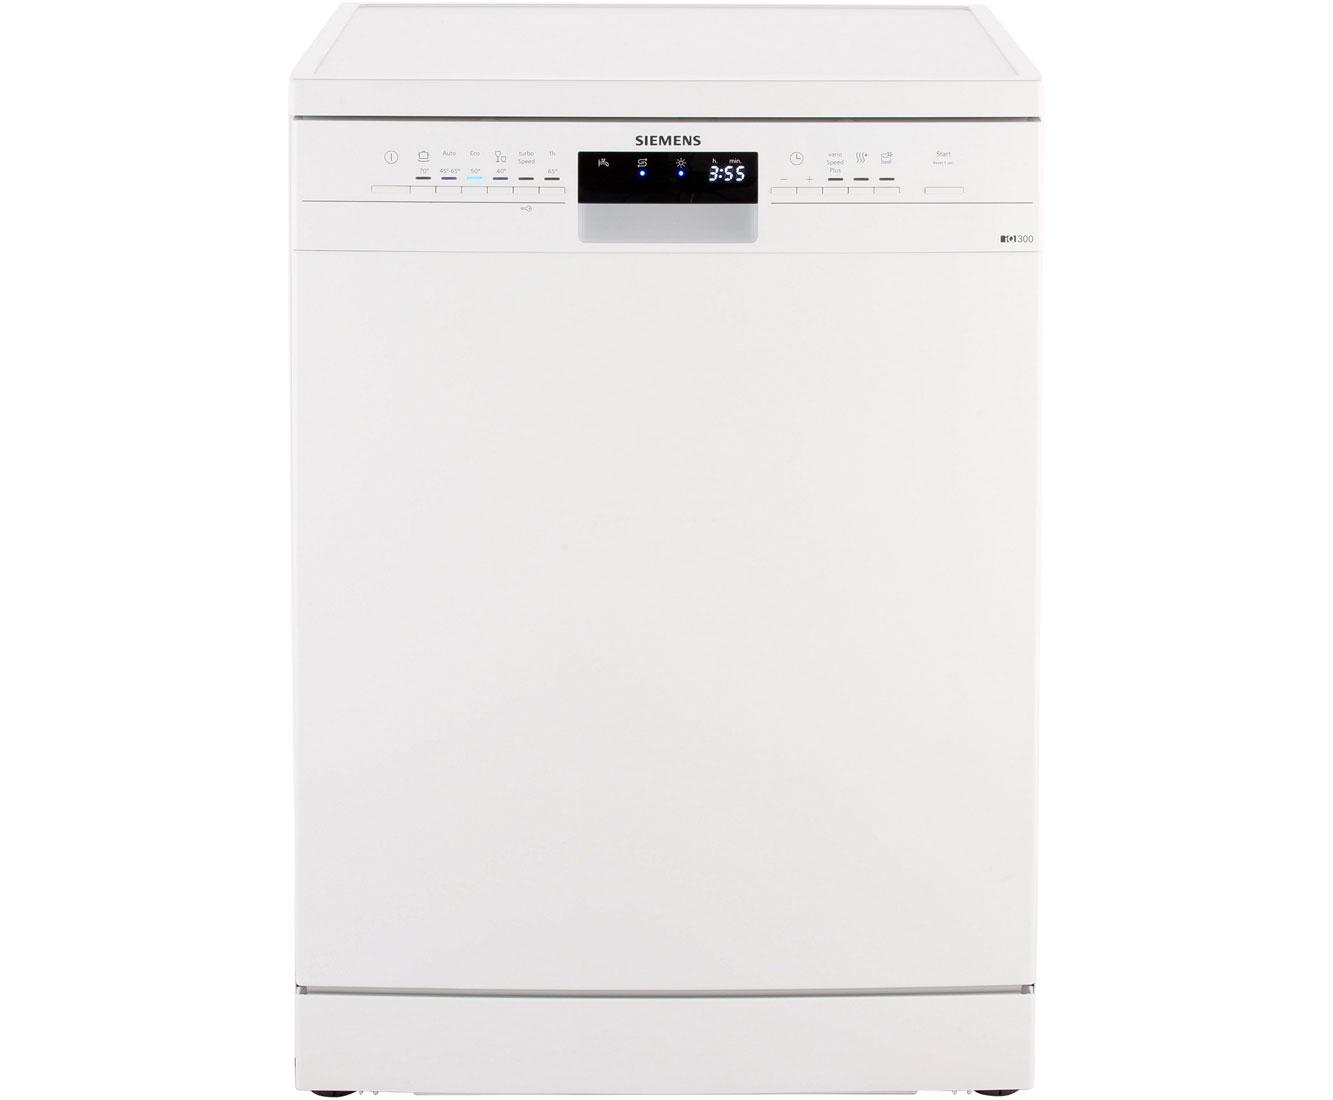 Siemens iQ300 SN236W00KE Geschirrspüler 60 cm - Weiss   Küche und Esszimmer > Küchenelektrogeräte > Gefrierschränke   Weiss   Siemens